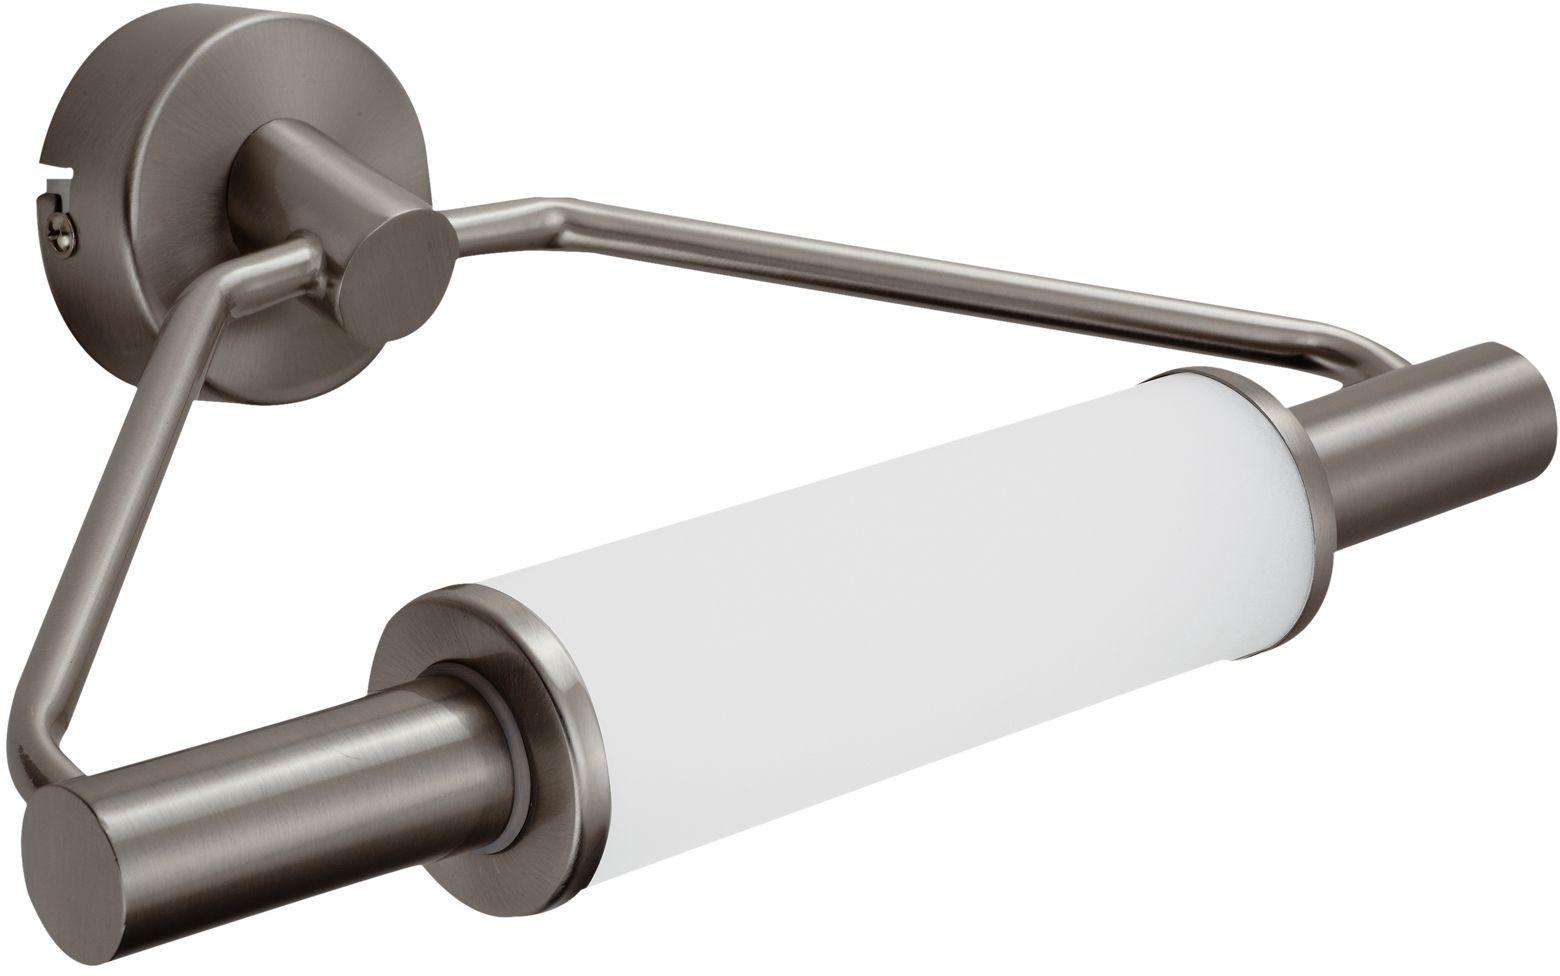 Candellux MAJOR 22-27842 kinkiet lampa ścienna satyna nikiel łazienkowa 2X40W G9 29cm IP44